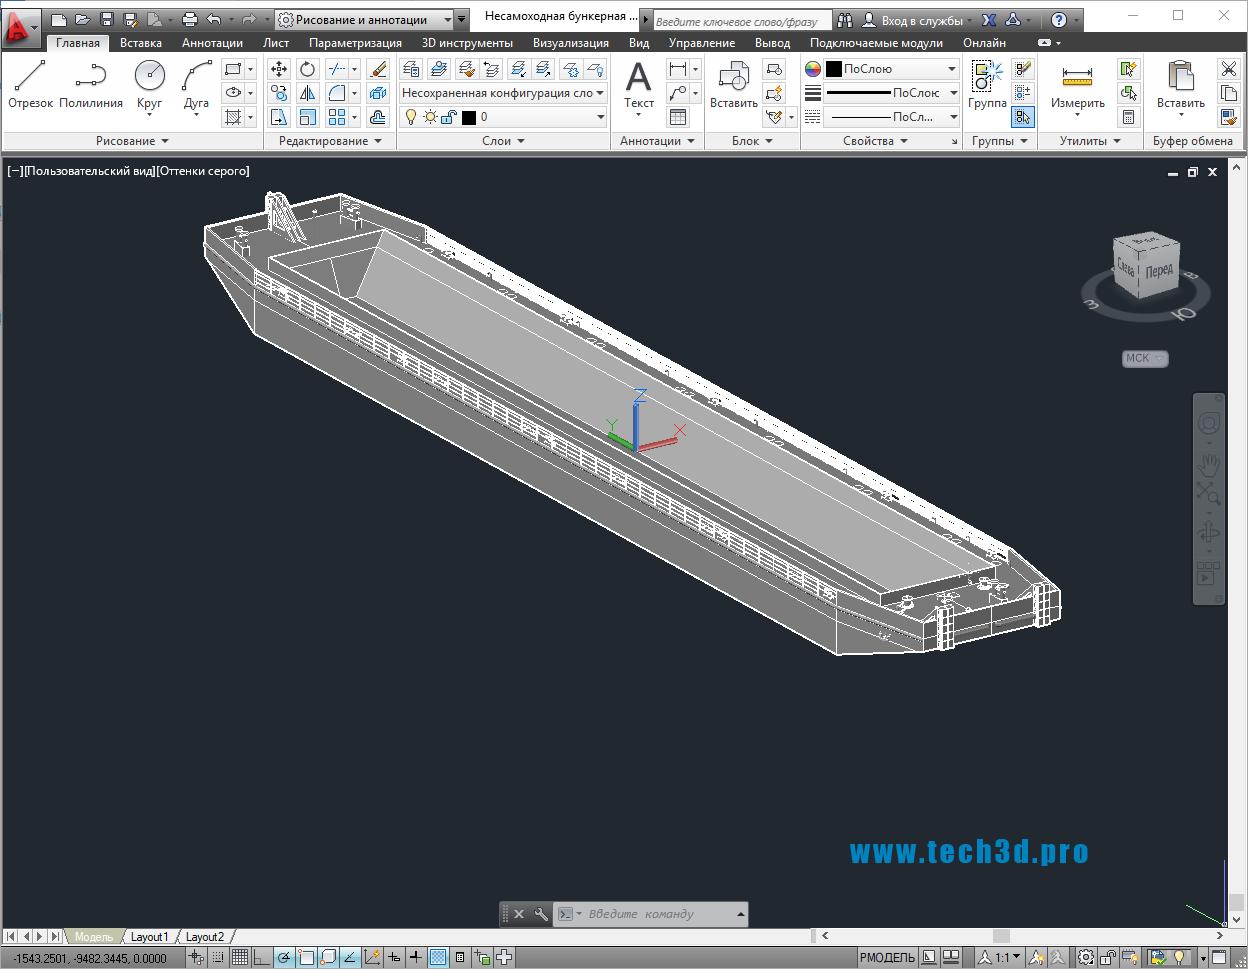 3D модель несамоходной бункерной баржи